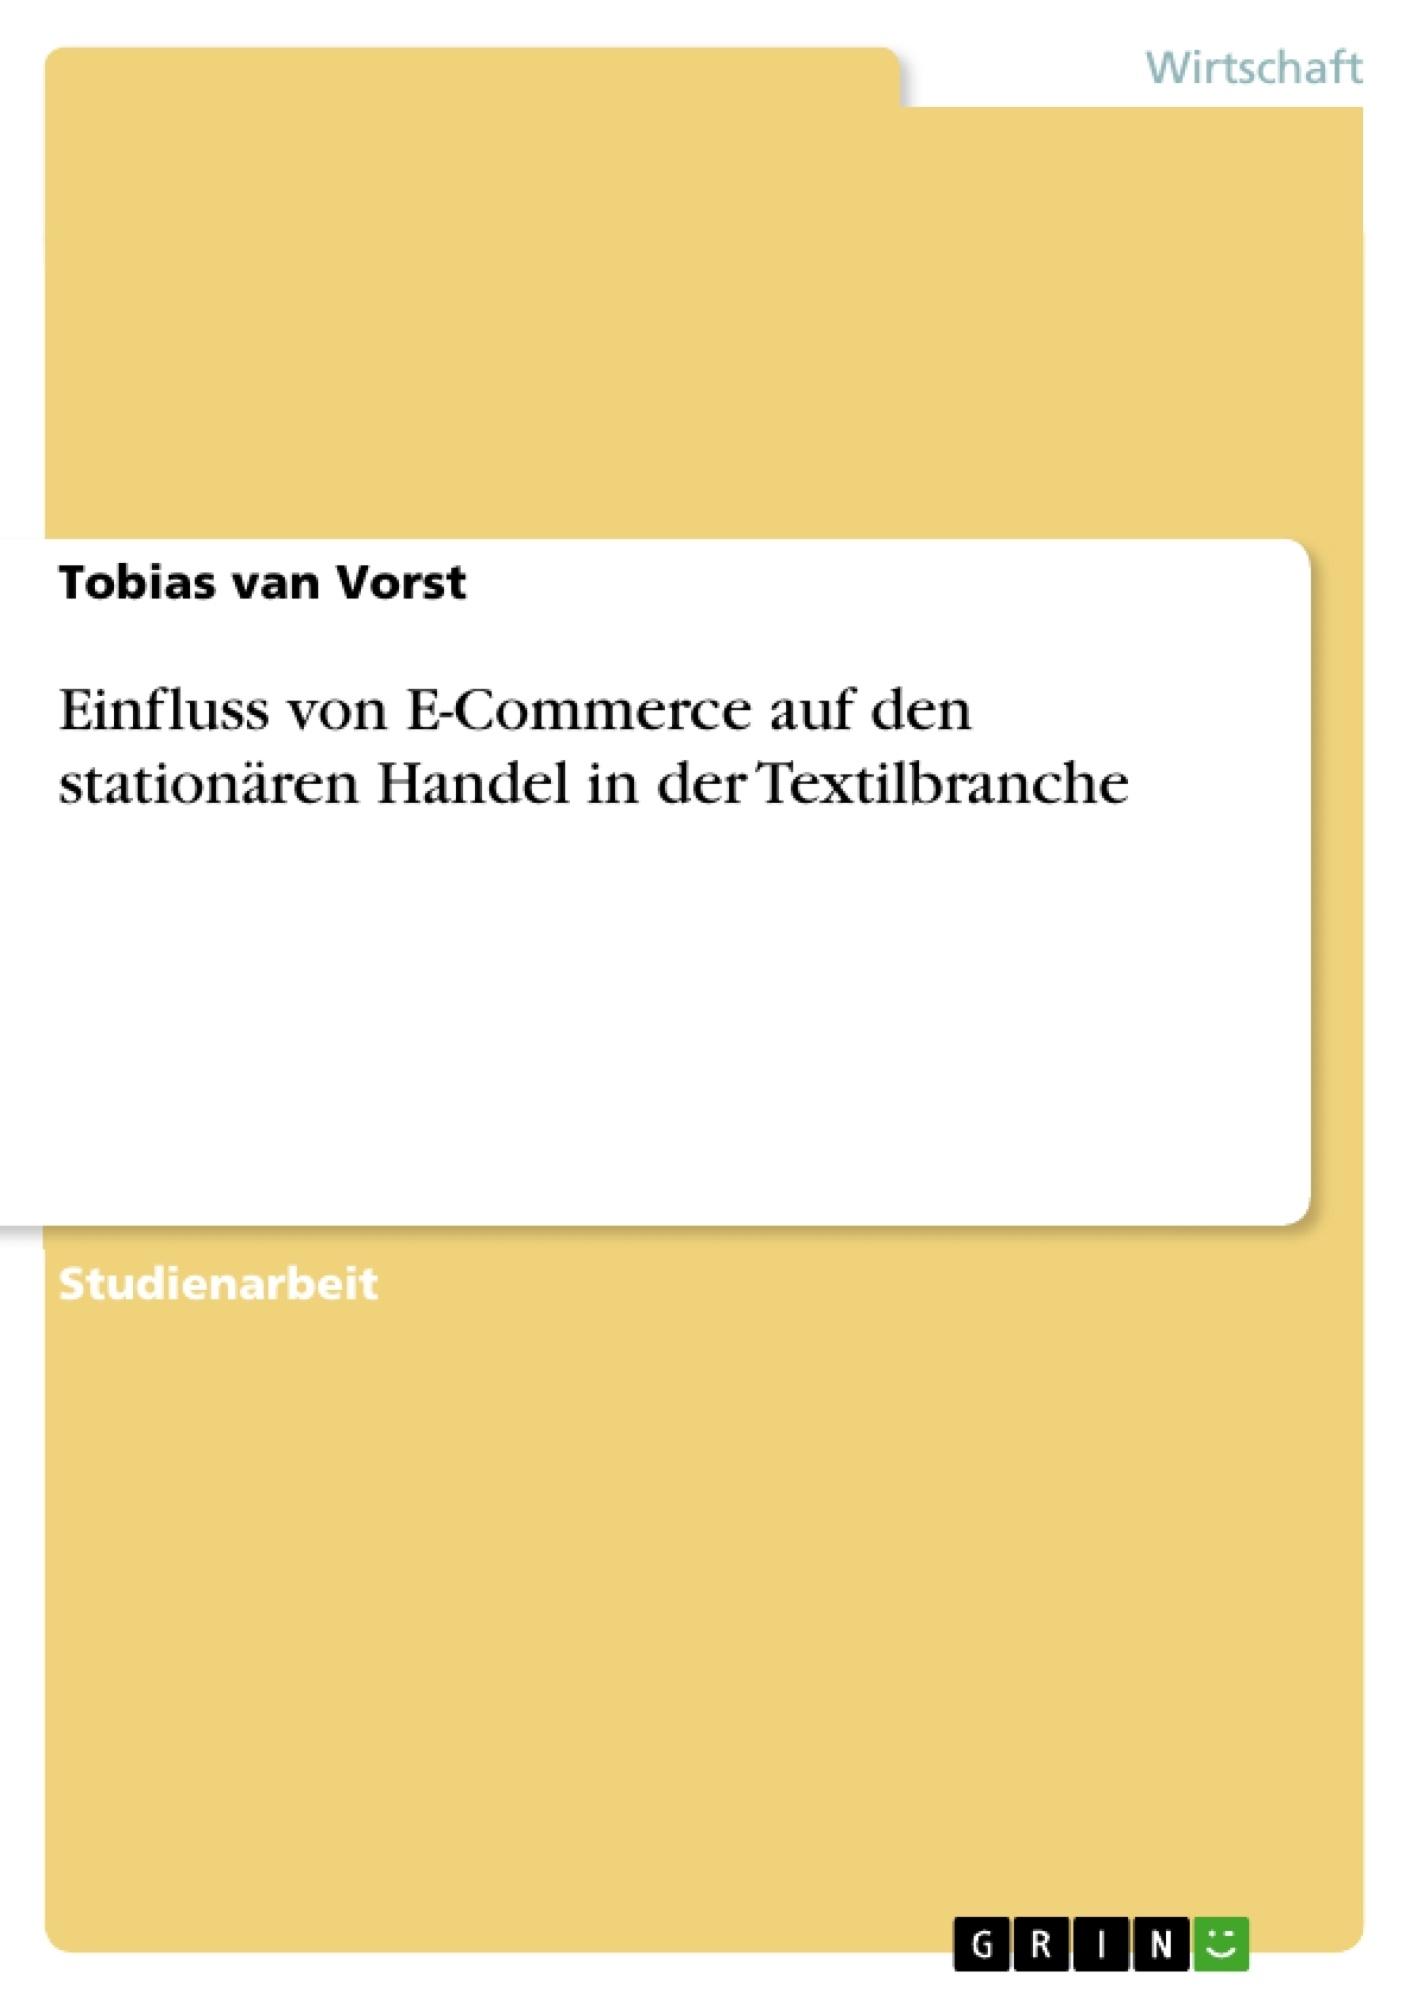 Titel: Einfluss von E-Commerce auf den stationären Handel in der Textilbranche